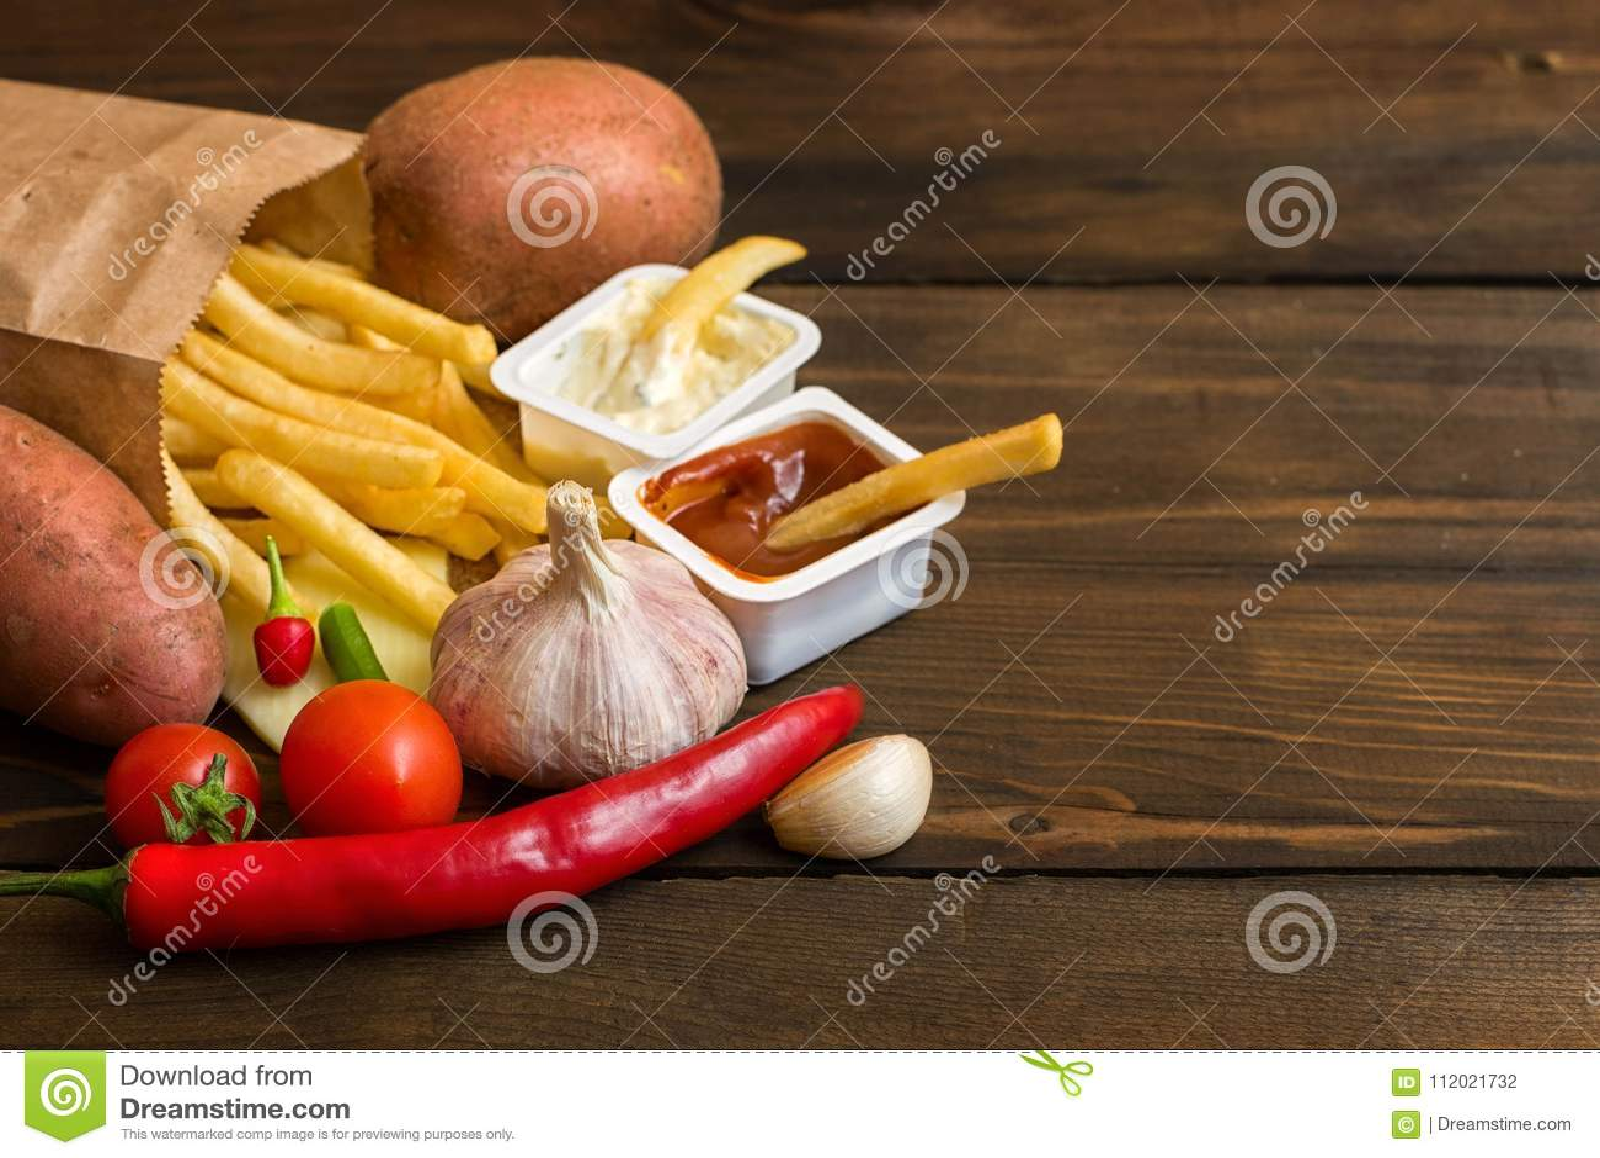 Snelle voedingsmiddelen: frieten met saus en voedselingrediënten op donkere houten lijst met exemplaar ruimte, hoogste mening